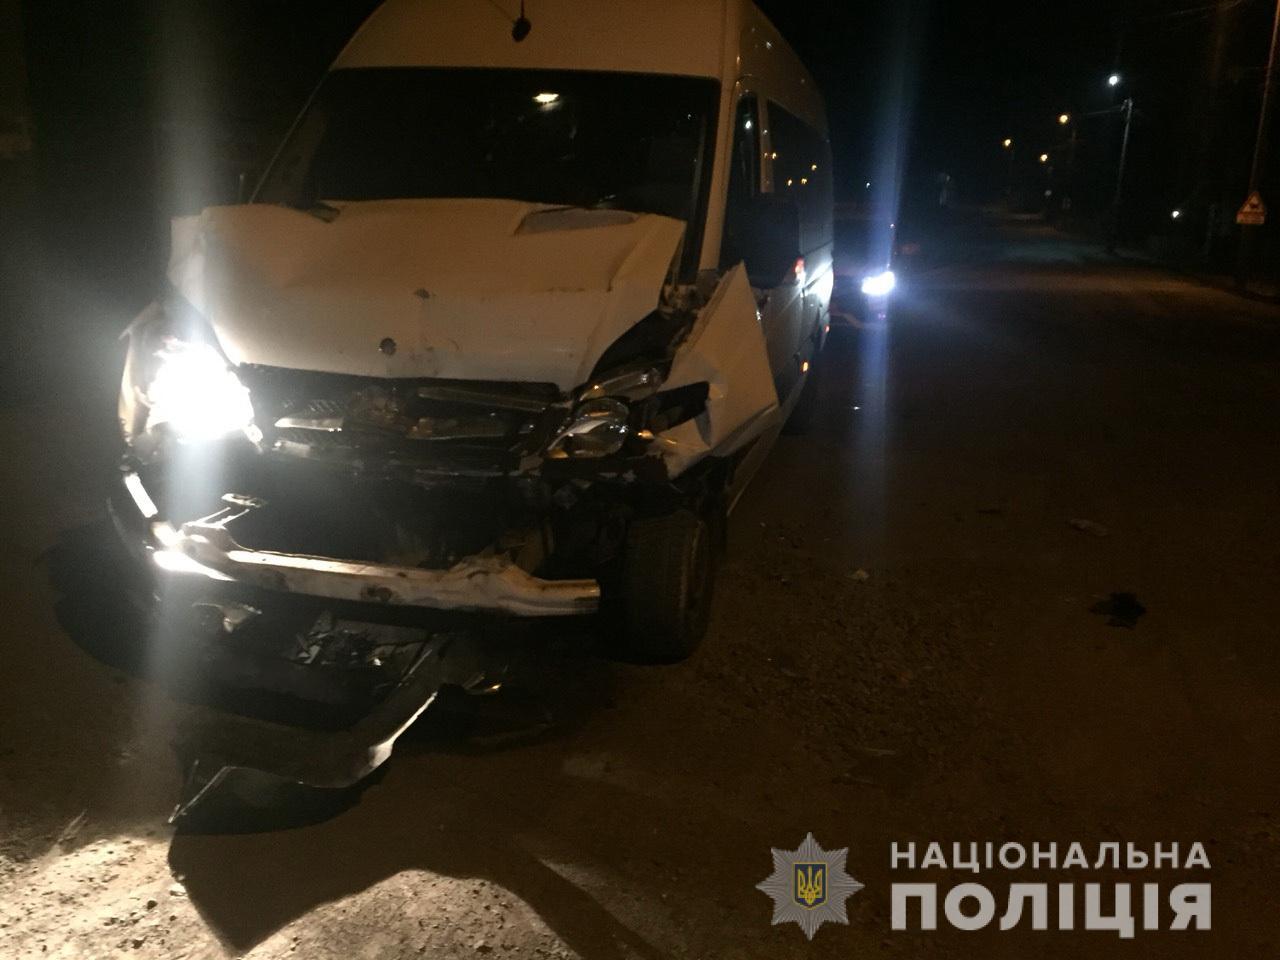 Поліція з'ясовує обставини ДТП на Тячівщині, за участі голови дільничної комісії